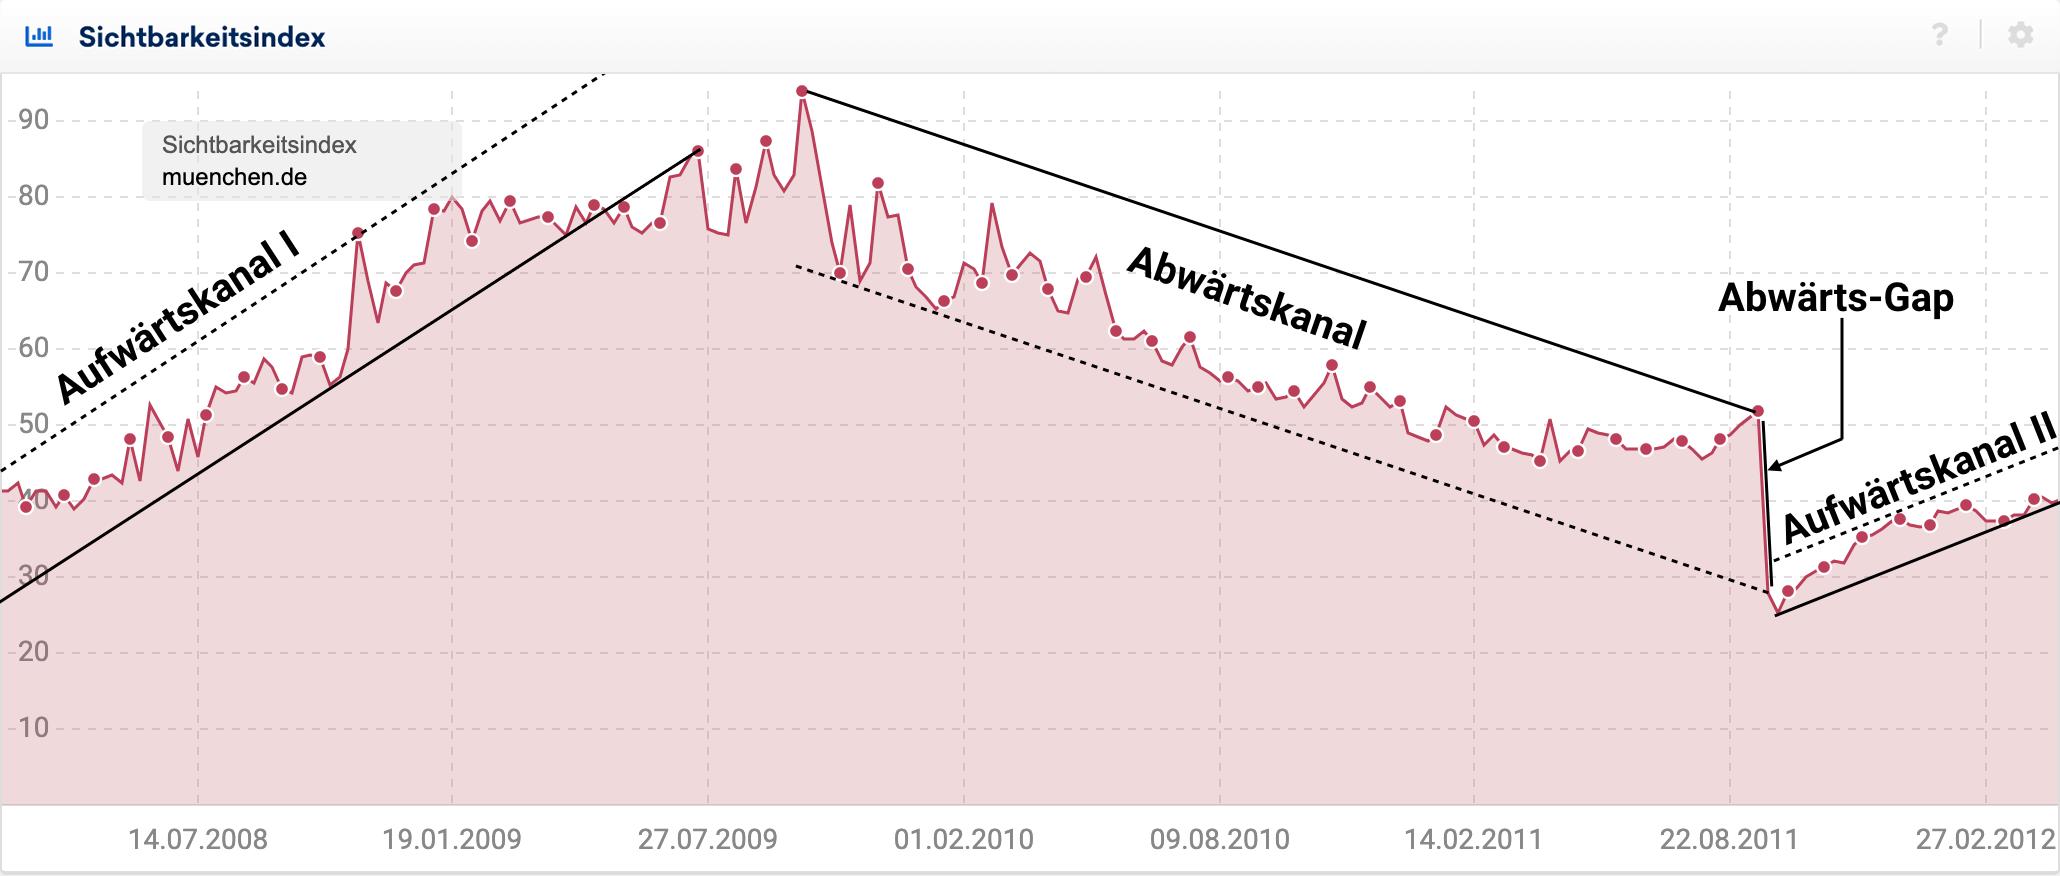 Sichtbarkeitsverlauf für muenchen.de zwischen 2008 und 2012. Es sind zwei Aufwärtskanäle zu erkennen, getrennt von einem längeren Abwärtstrend der in einem Abwärts-Gap gipfelt.